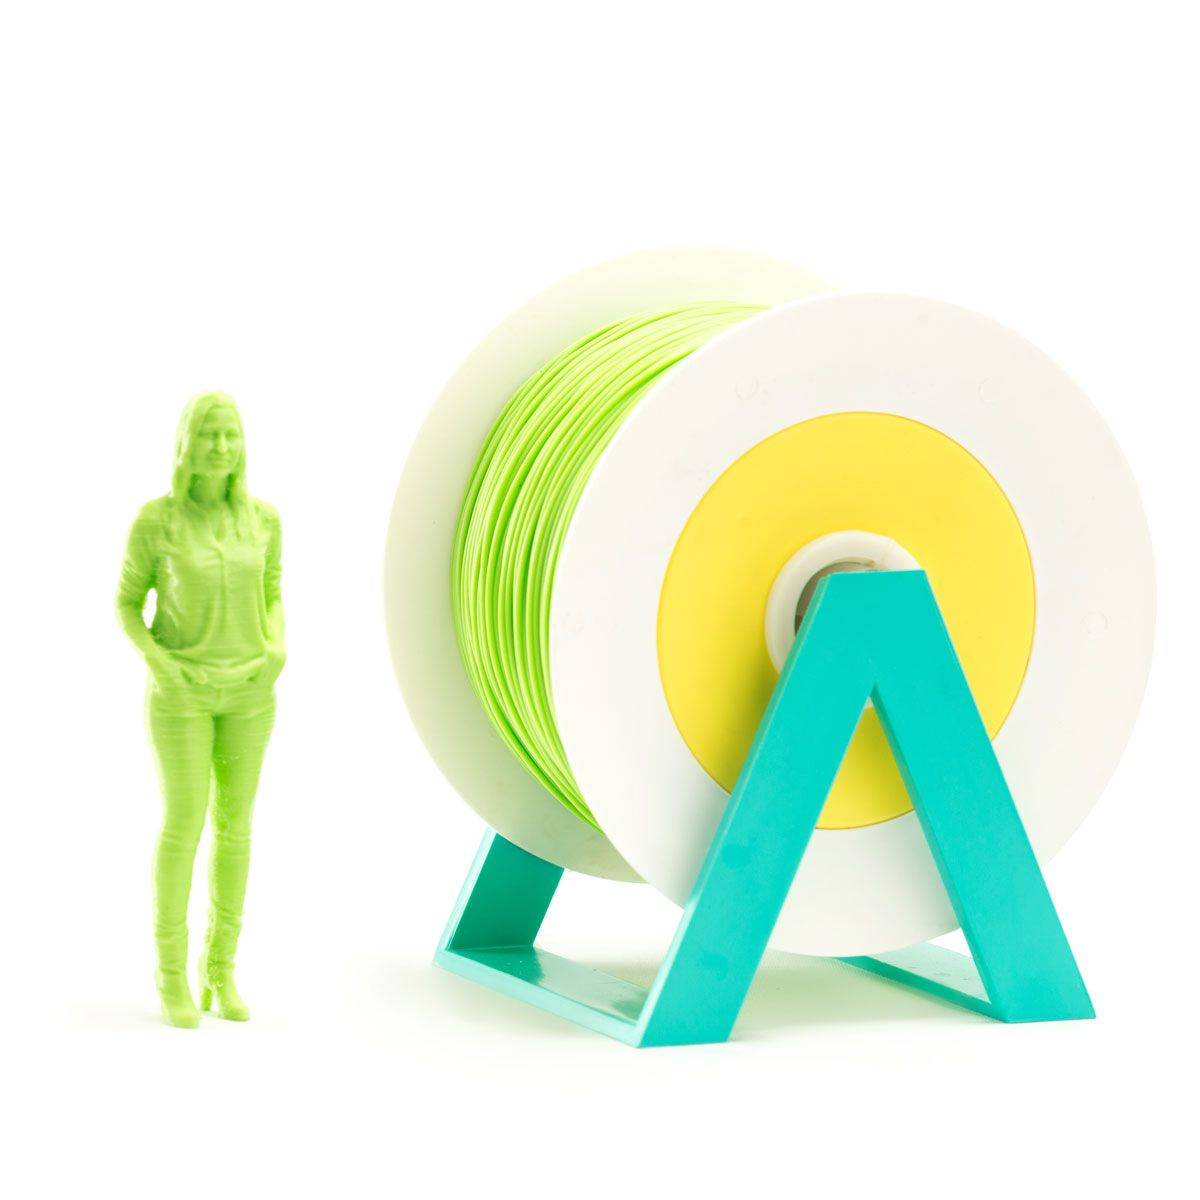 PLA Filament | Color: Pastel Green